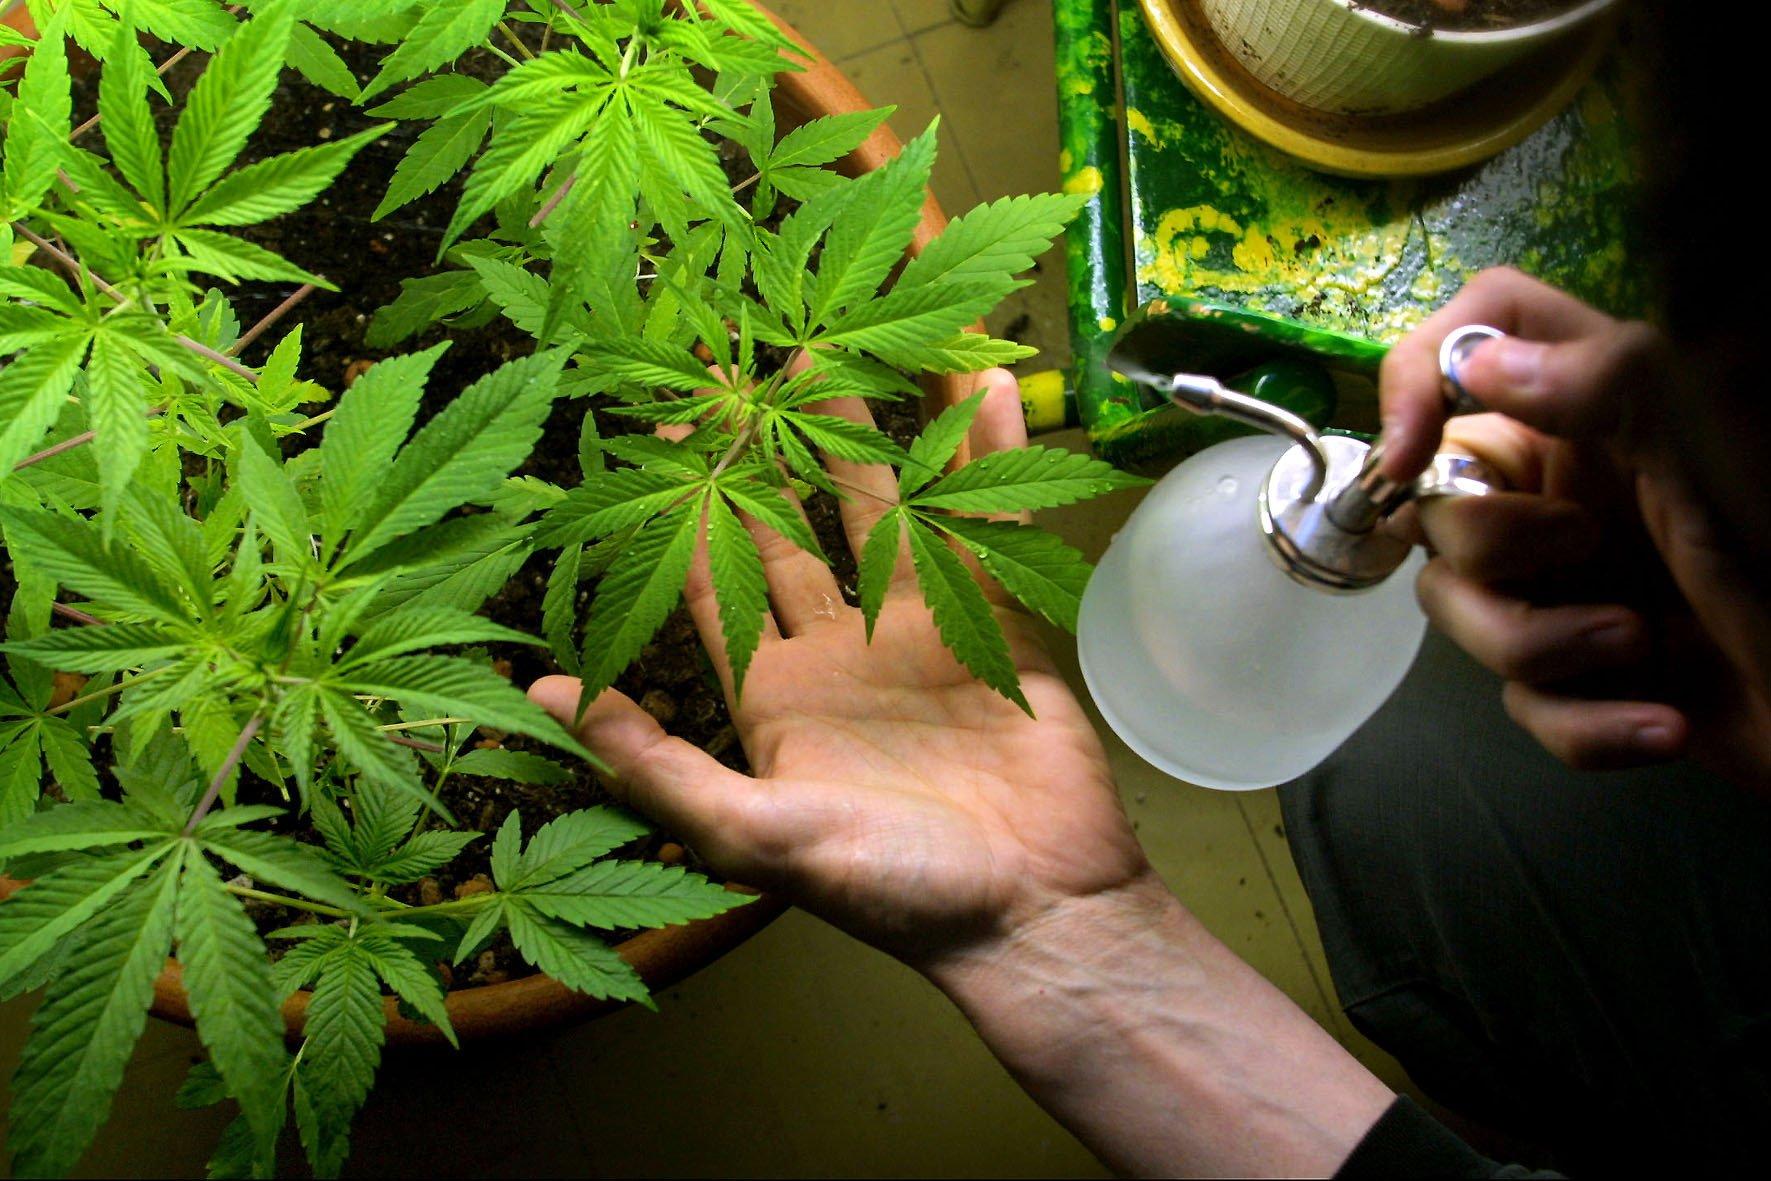 Cannabis, coltivarla in casa per uso personale non è reato